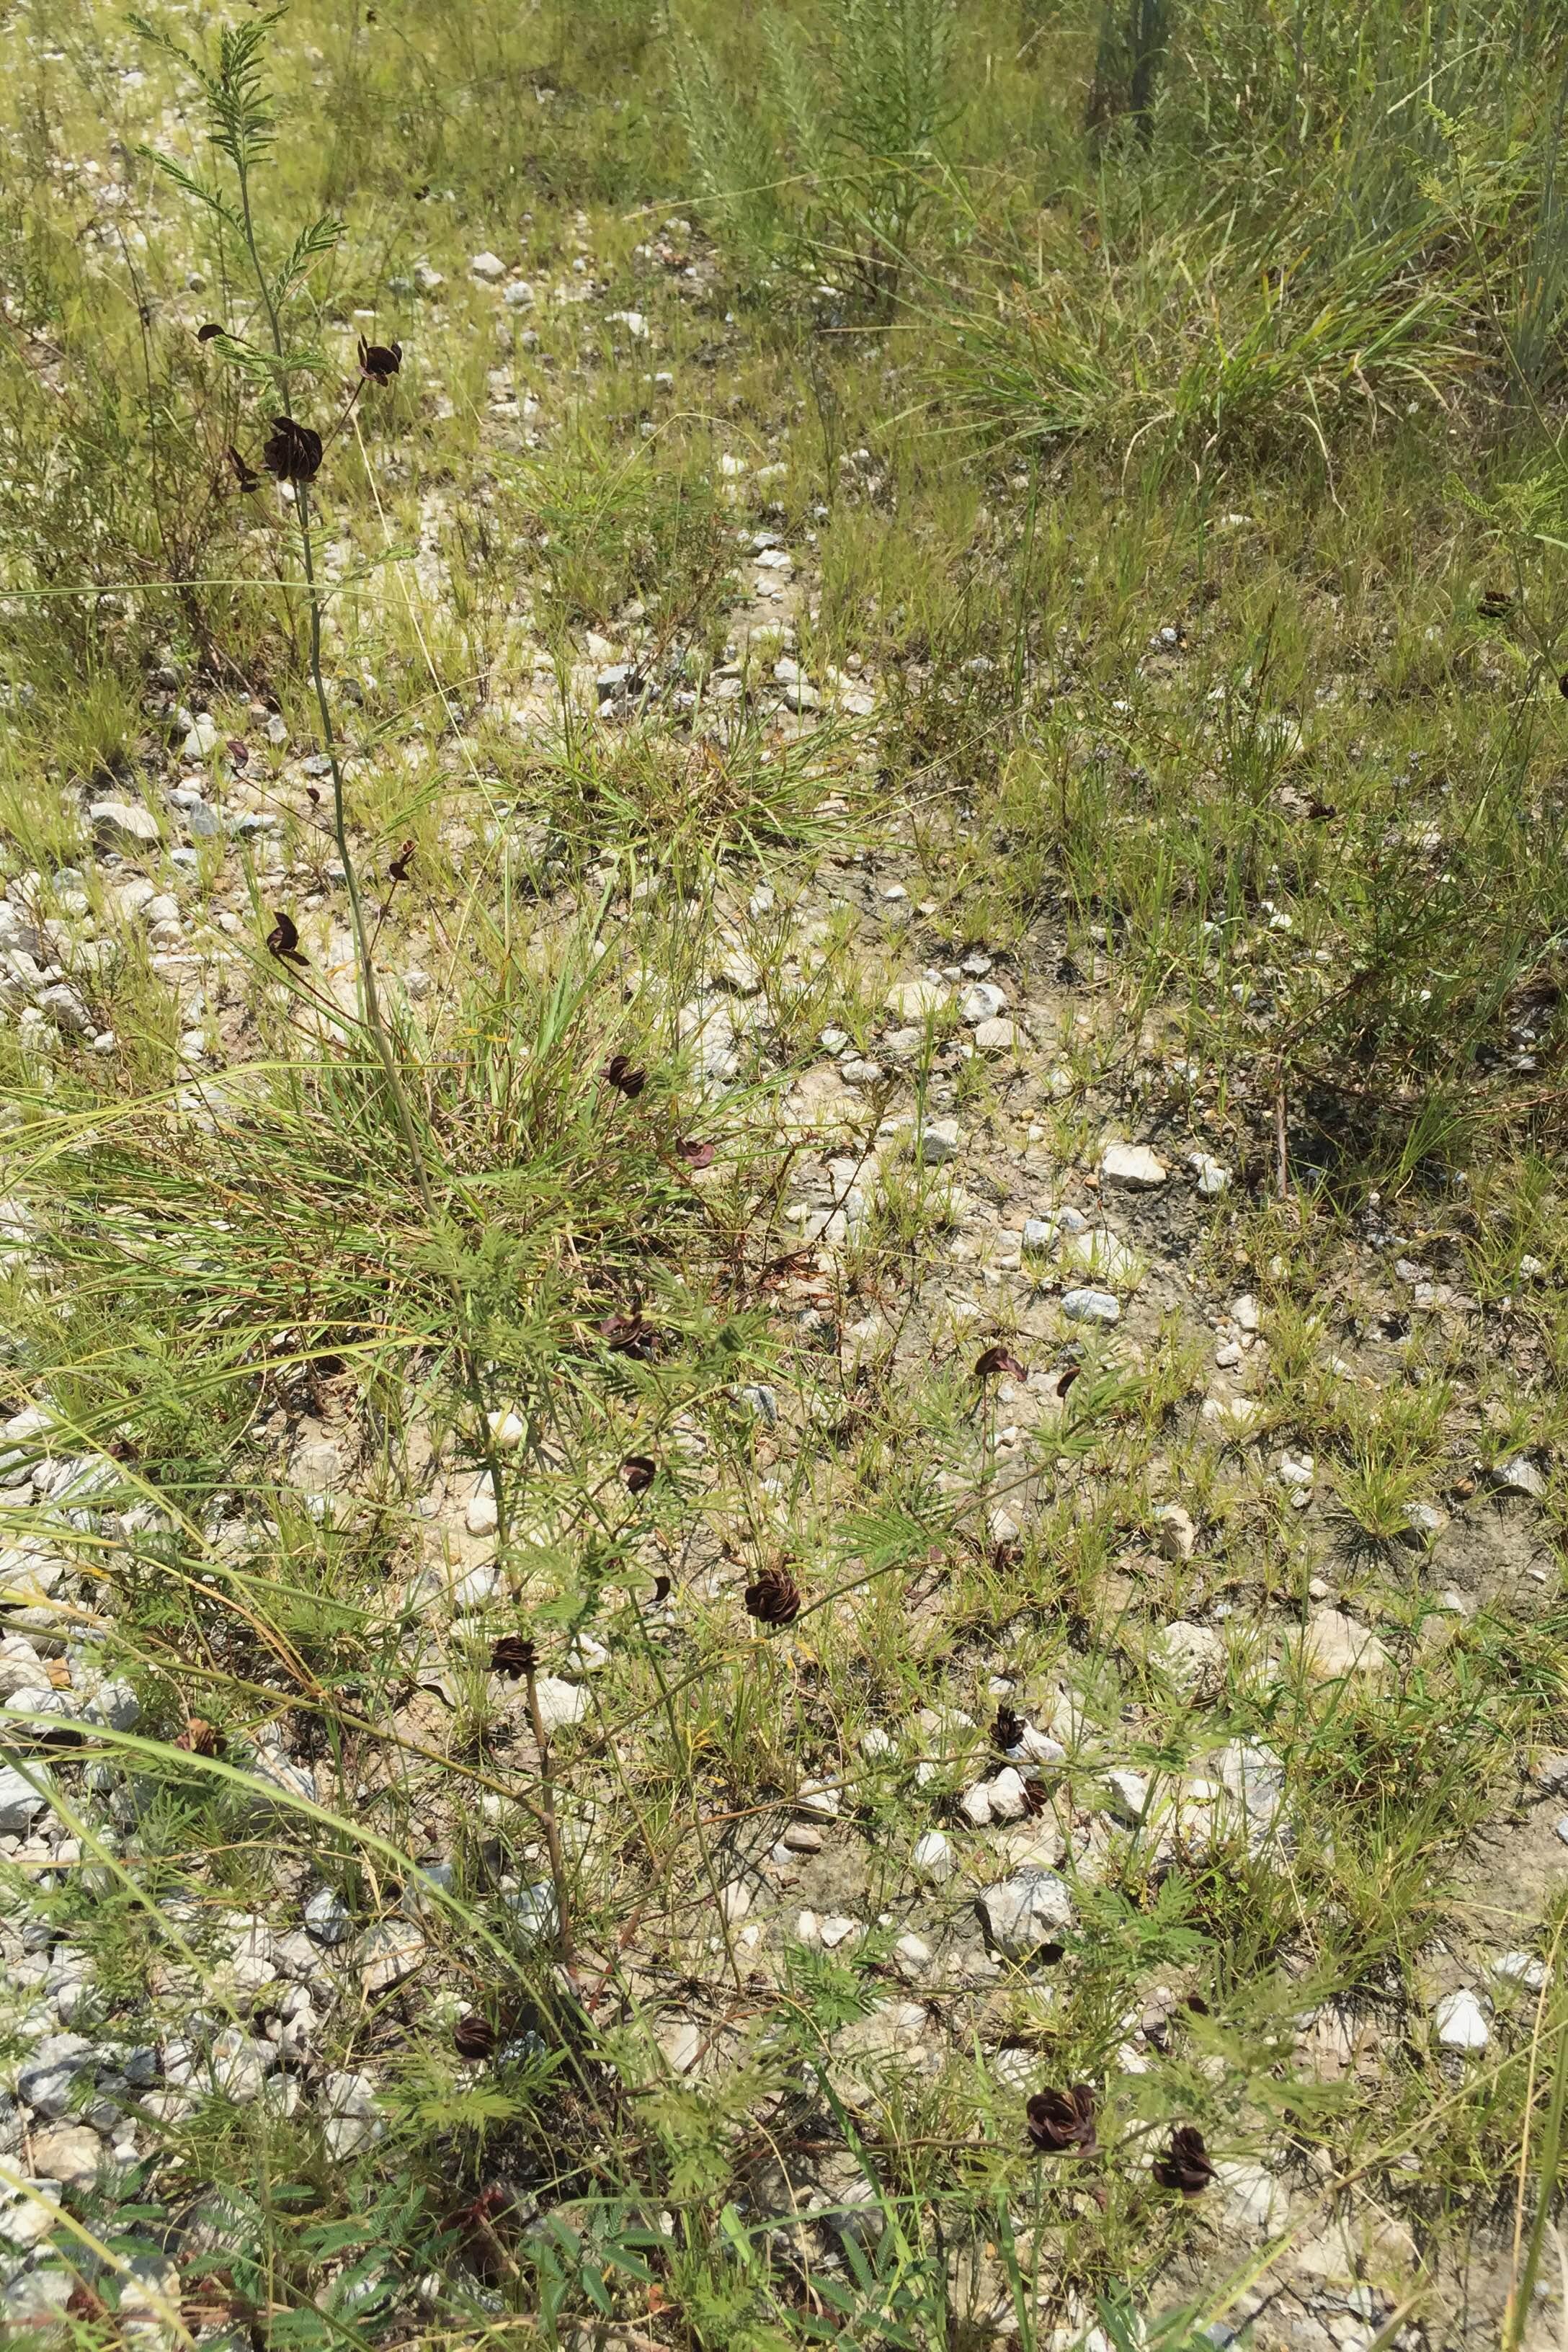 Desmanthus illinoensis, Illinois Bundleflower